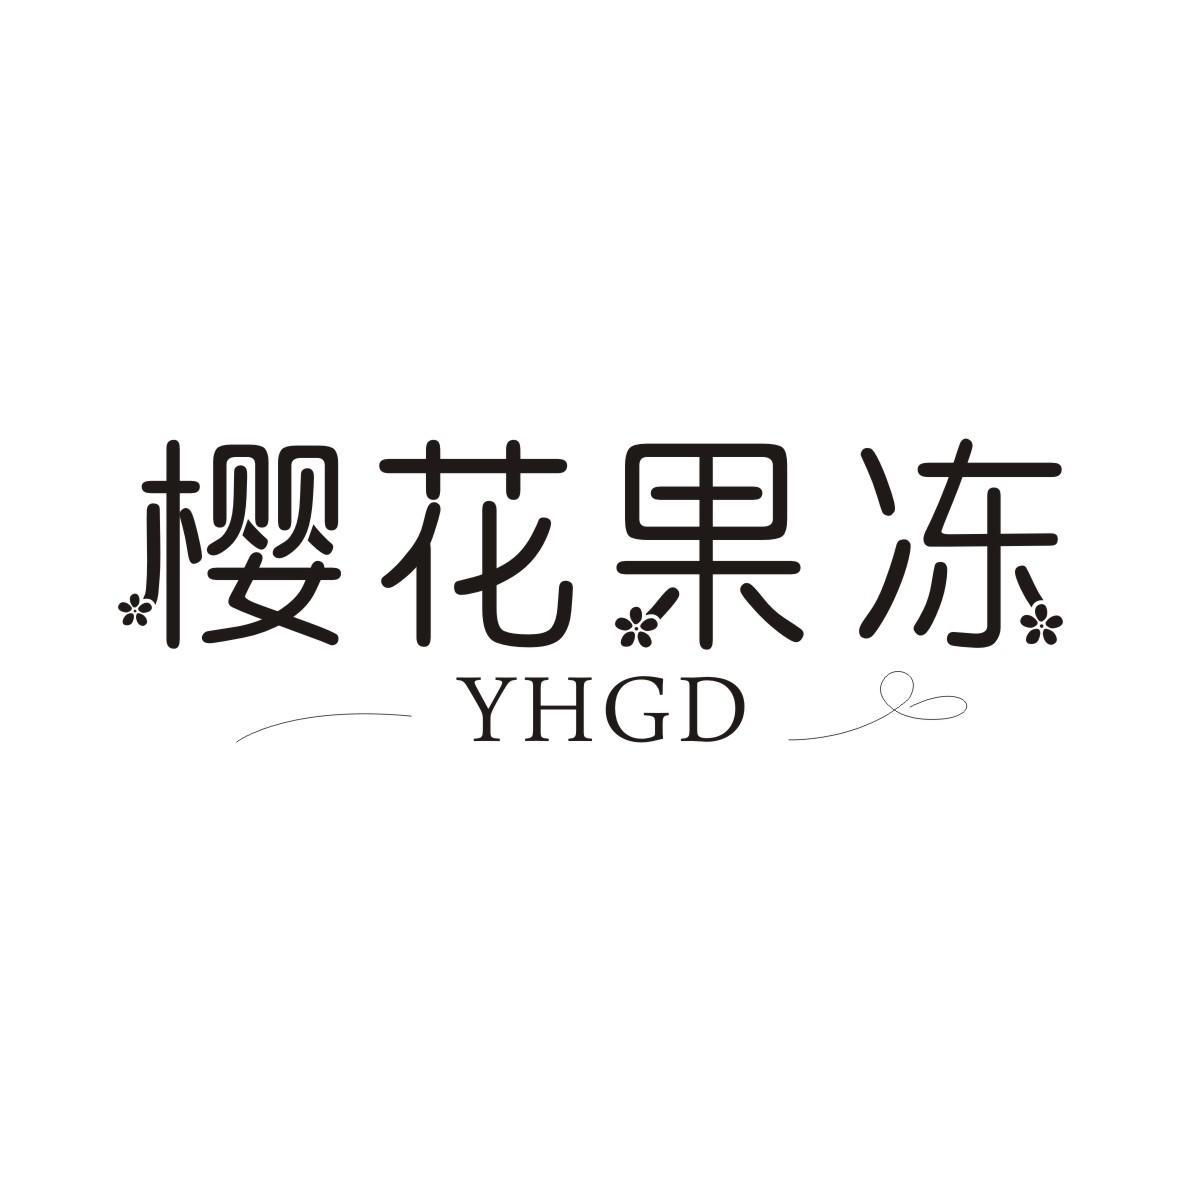 樱花果冻YHGD